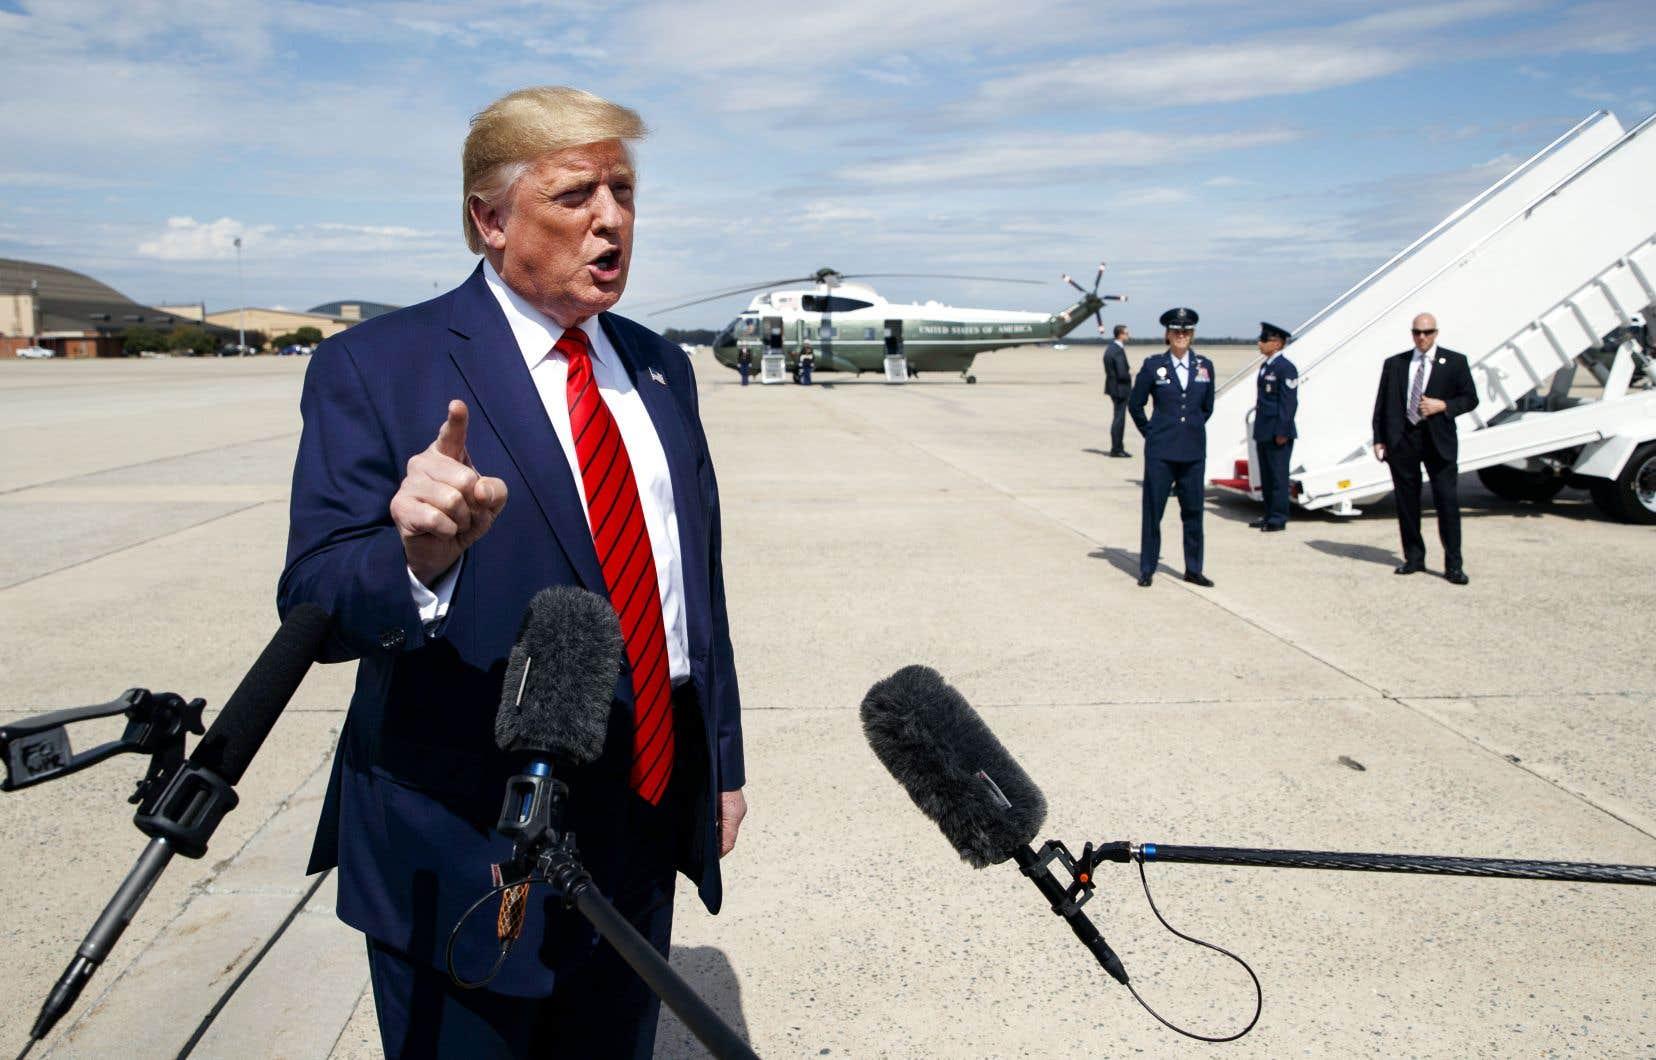 Donald Trump a donné un point de presse à sa descente d'avion, jeudi, à la base aérienne d'Andrews, après avoir assisté cette semaine à l'assemblée de l'Organisation des Nations unies à New York.